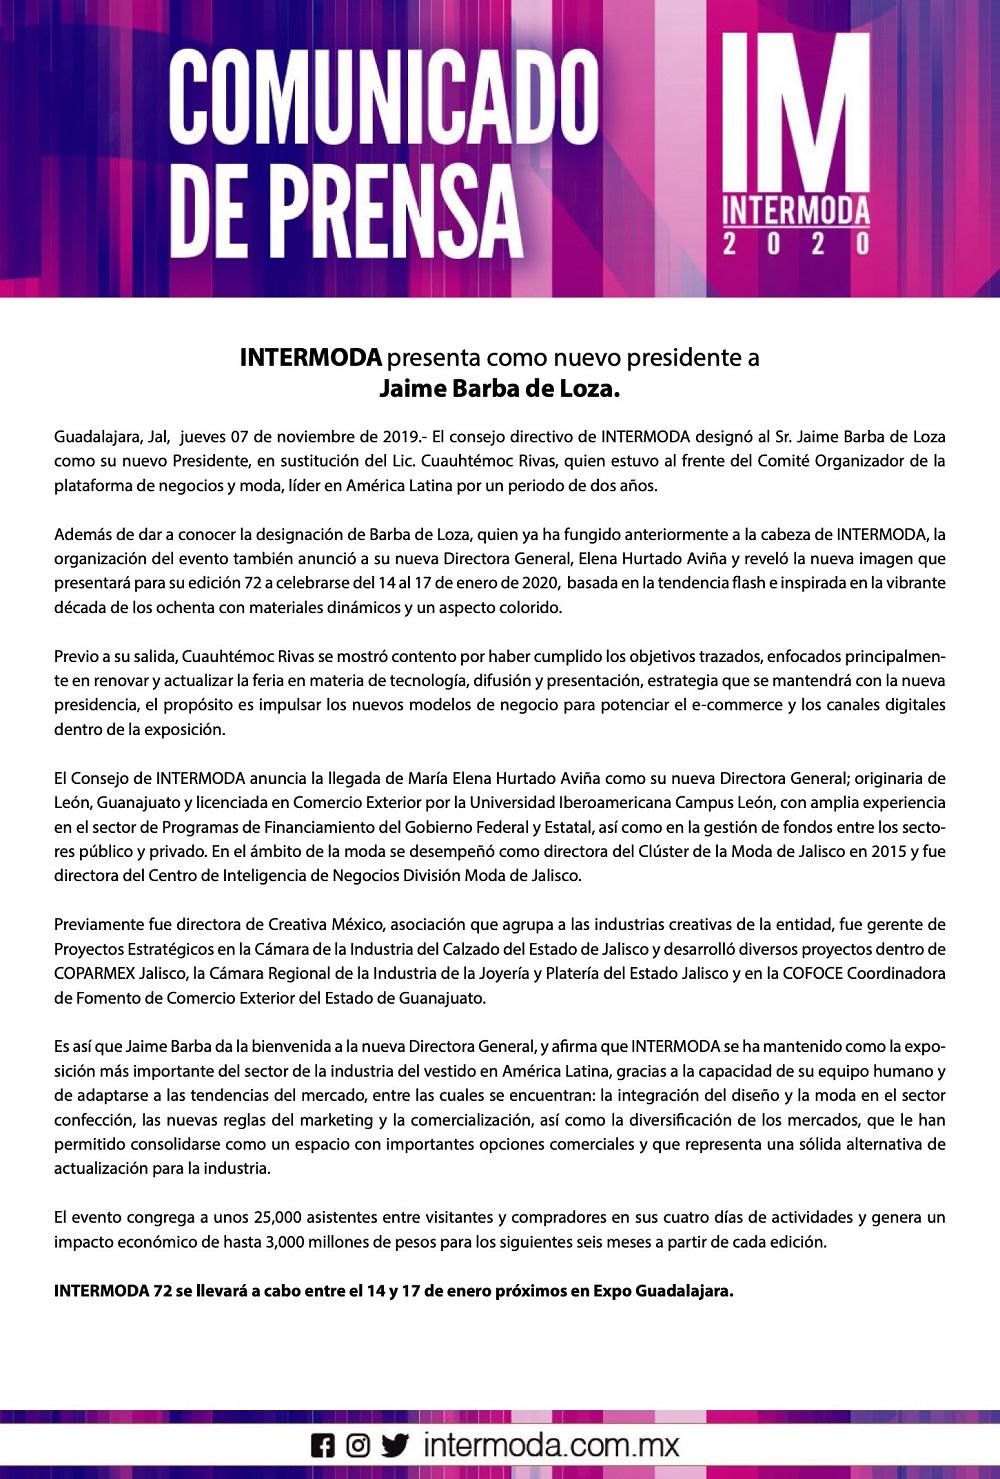 INTERMODA presenta como nuevo presidente a Jaime Barba de Loza